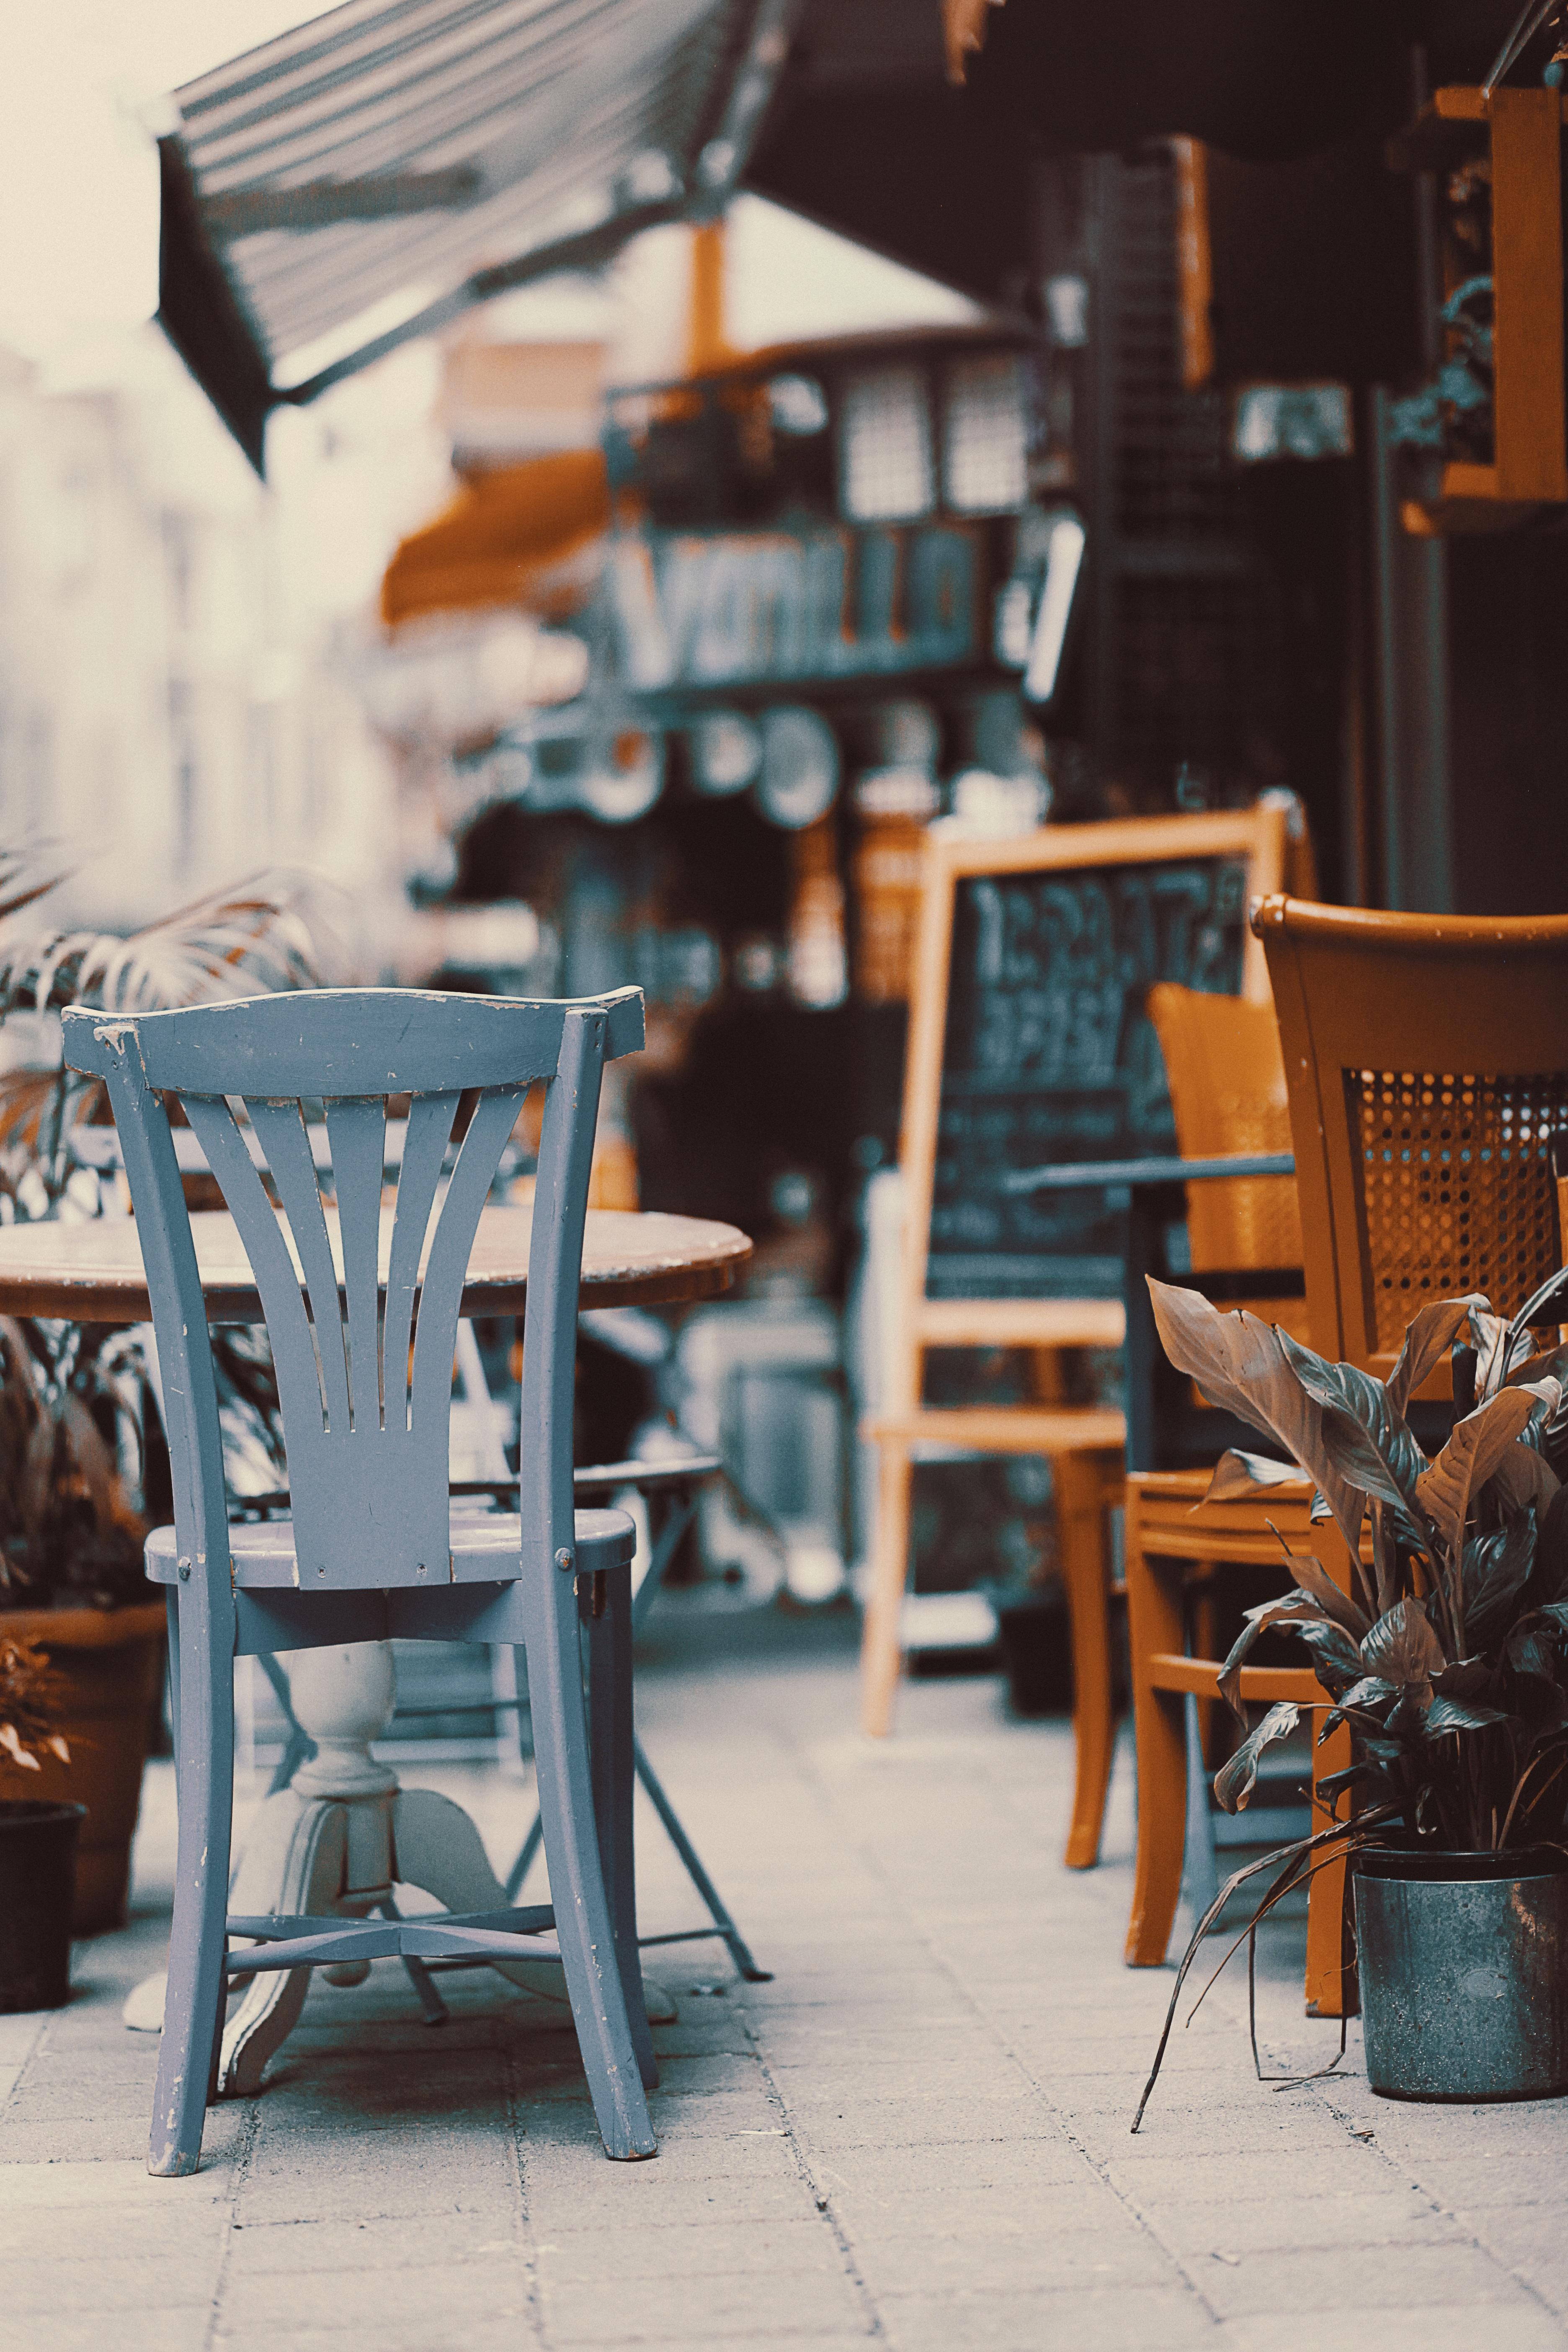 Gambar Meja Kayu Vintage Retro Kursi Restoran Tua Rumah